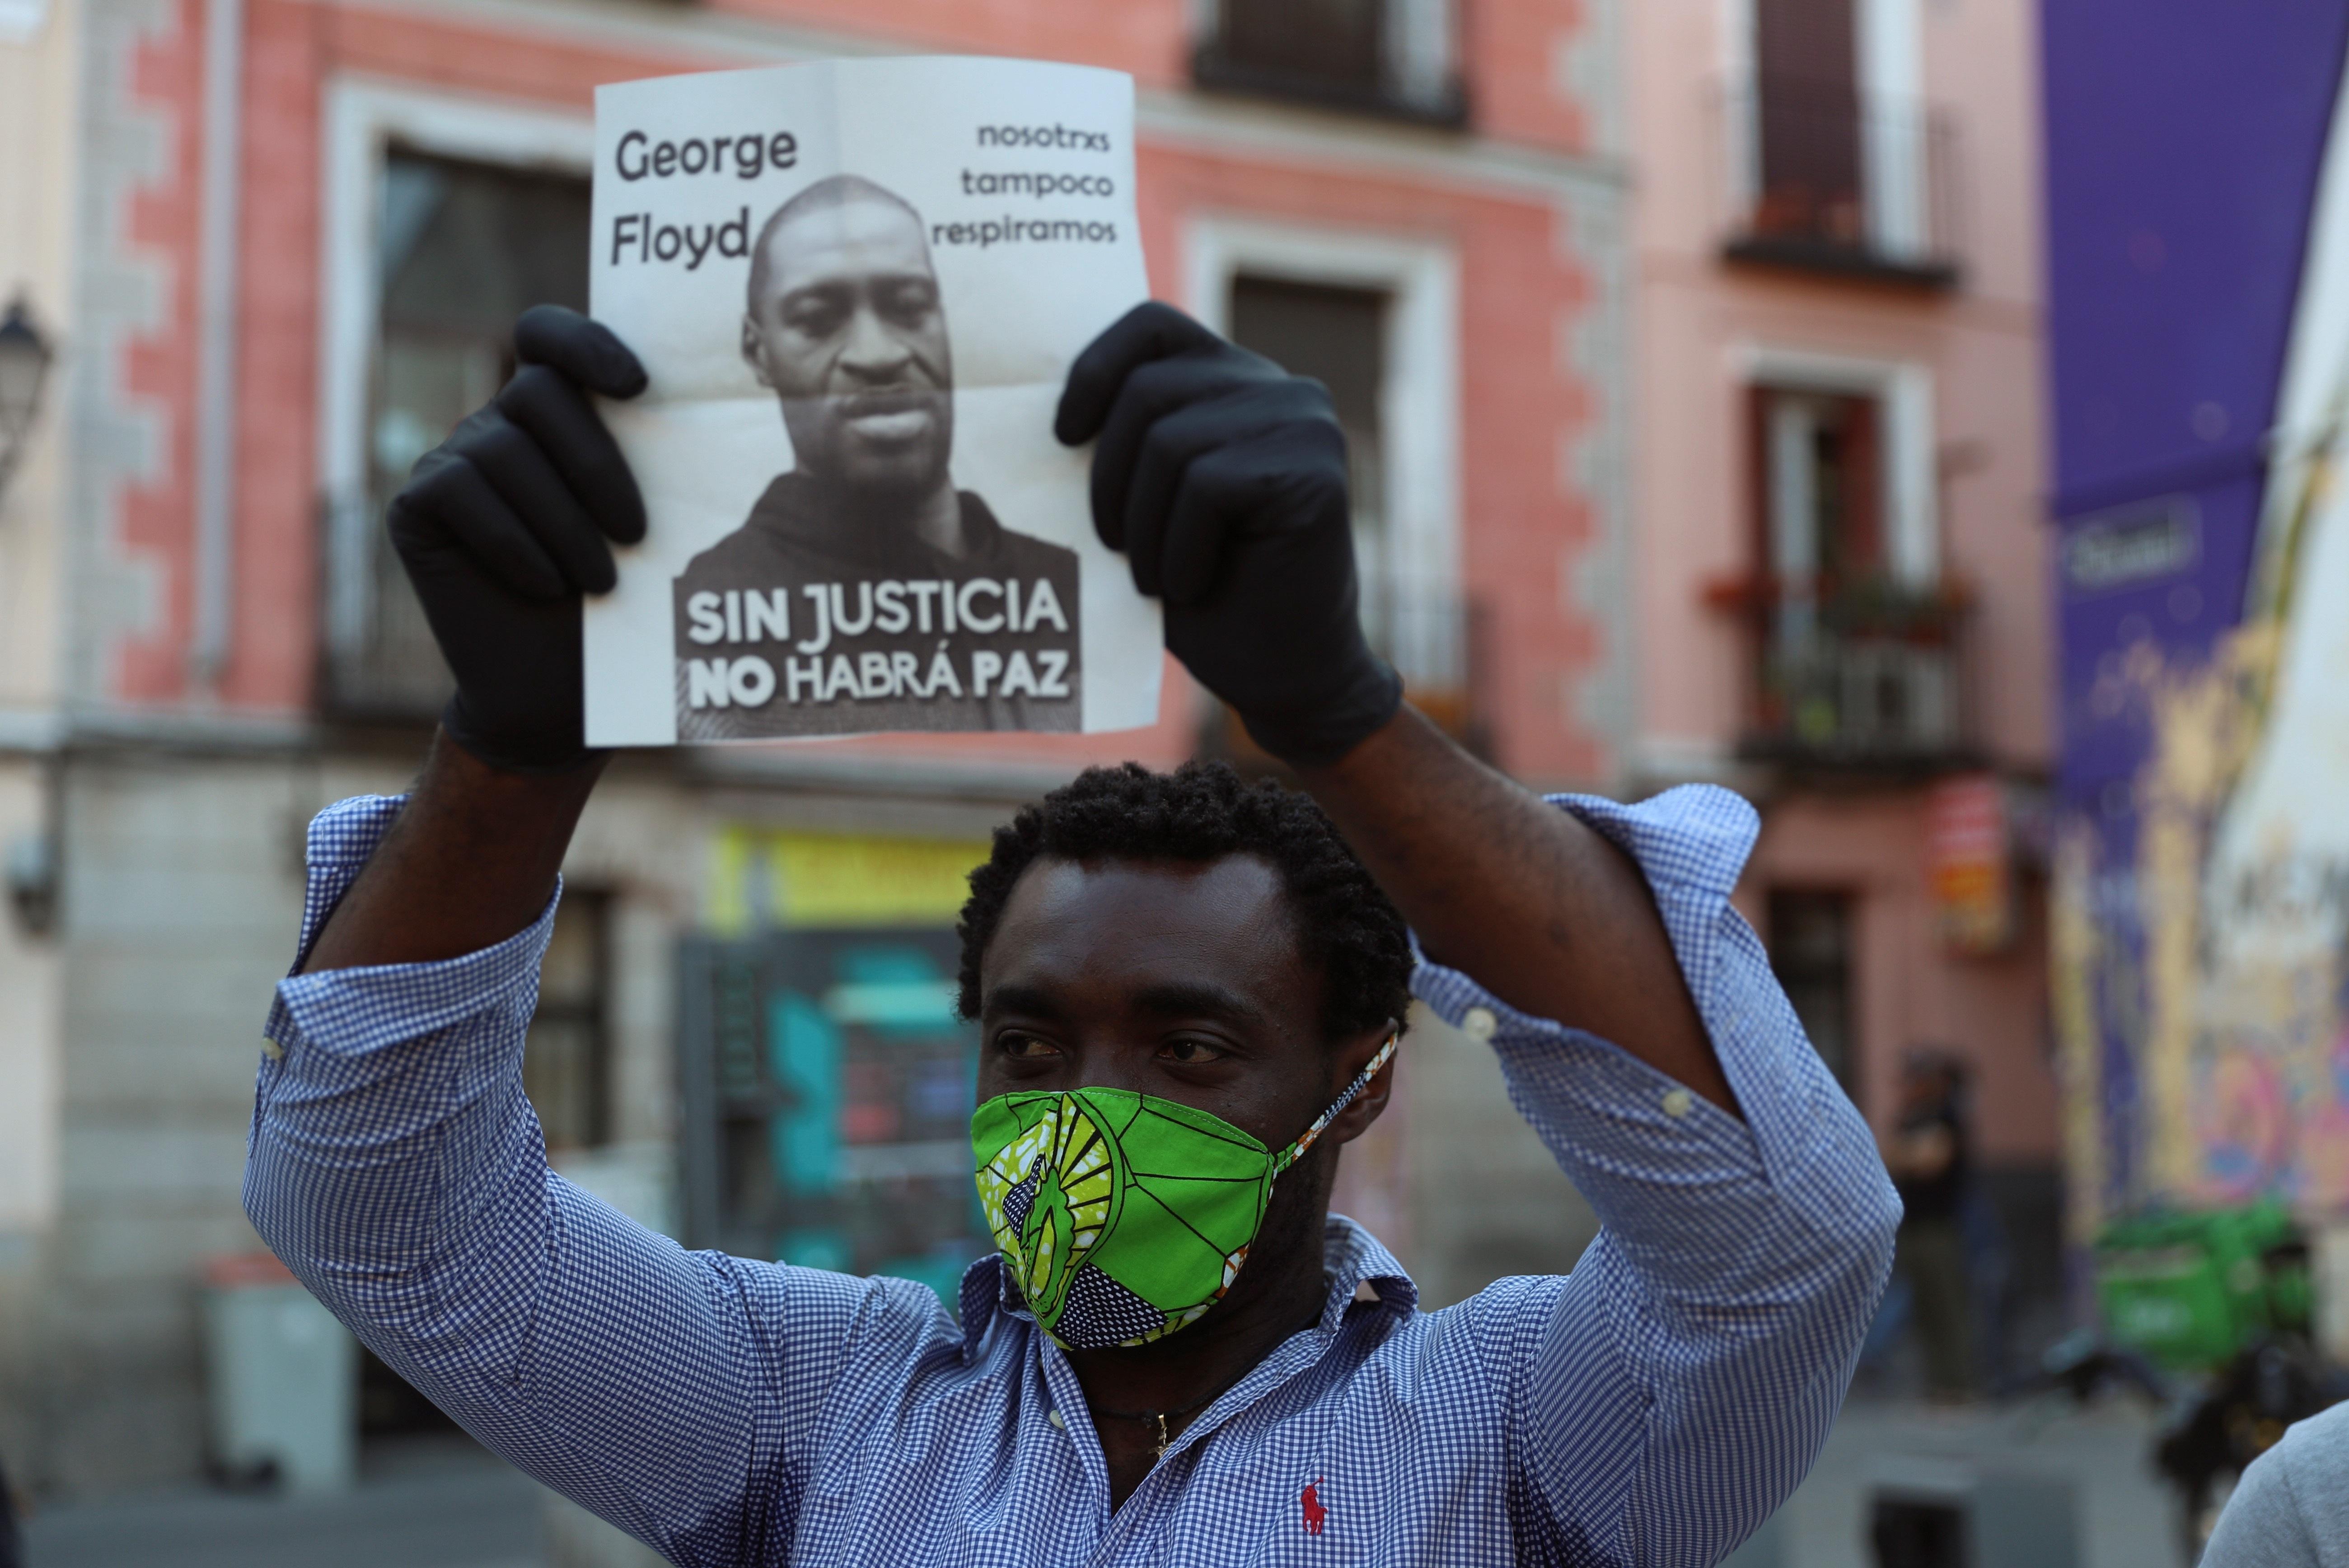 Protestas en EEUU por la muerte de George Floyd a manos de la policía